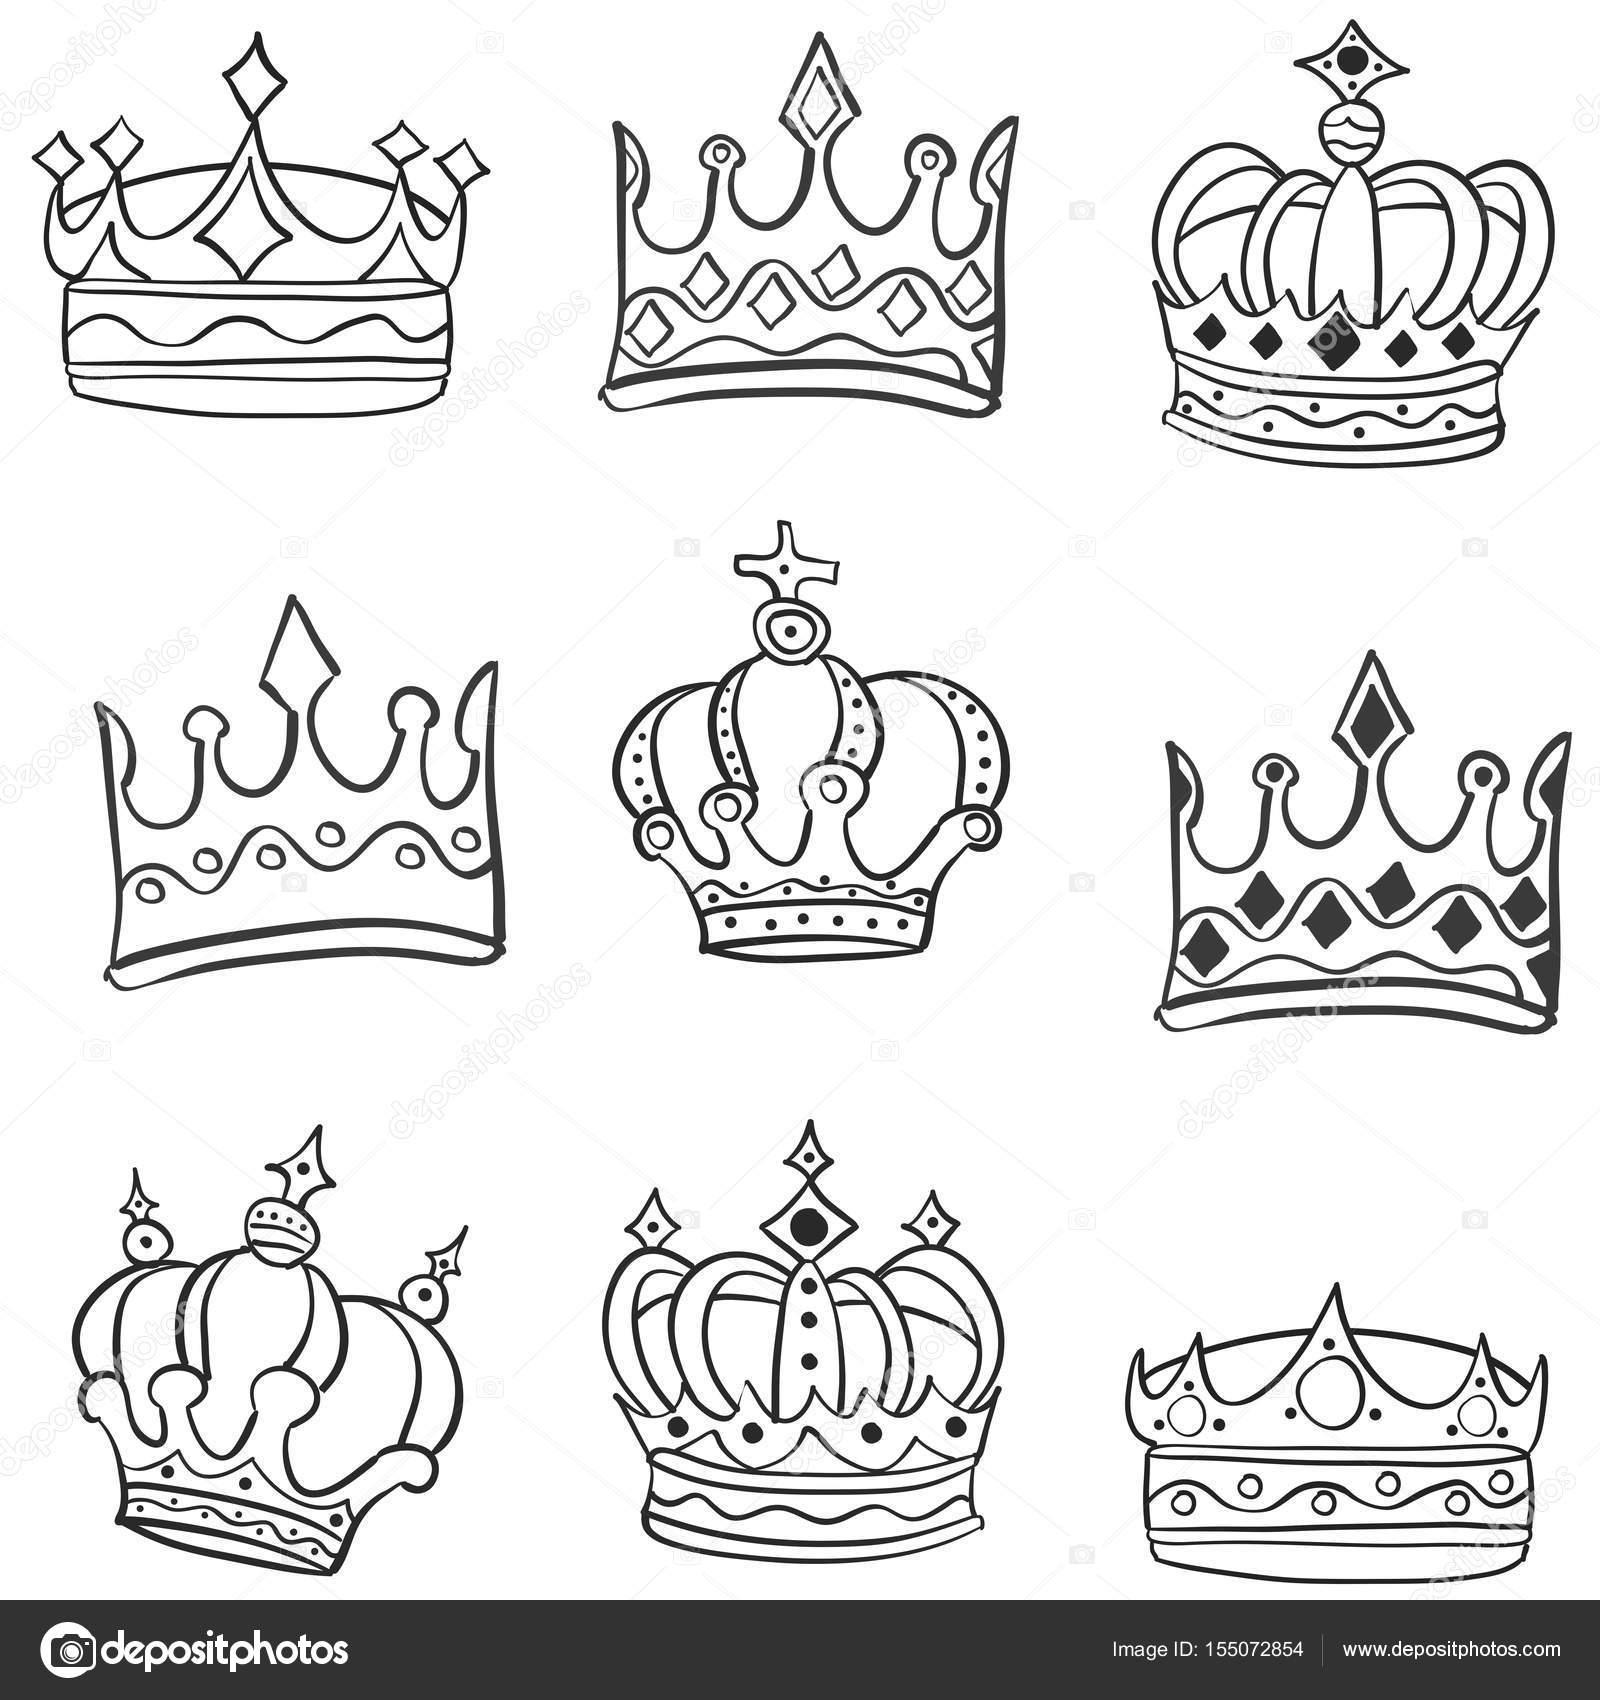 Imágenes Coronas De Reyes Y Reinas Para Colorear Doodle